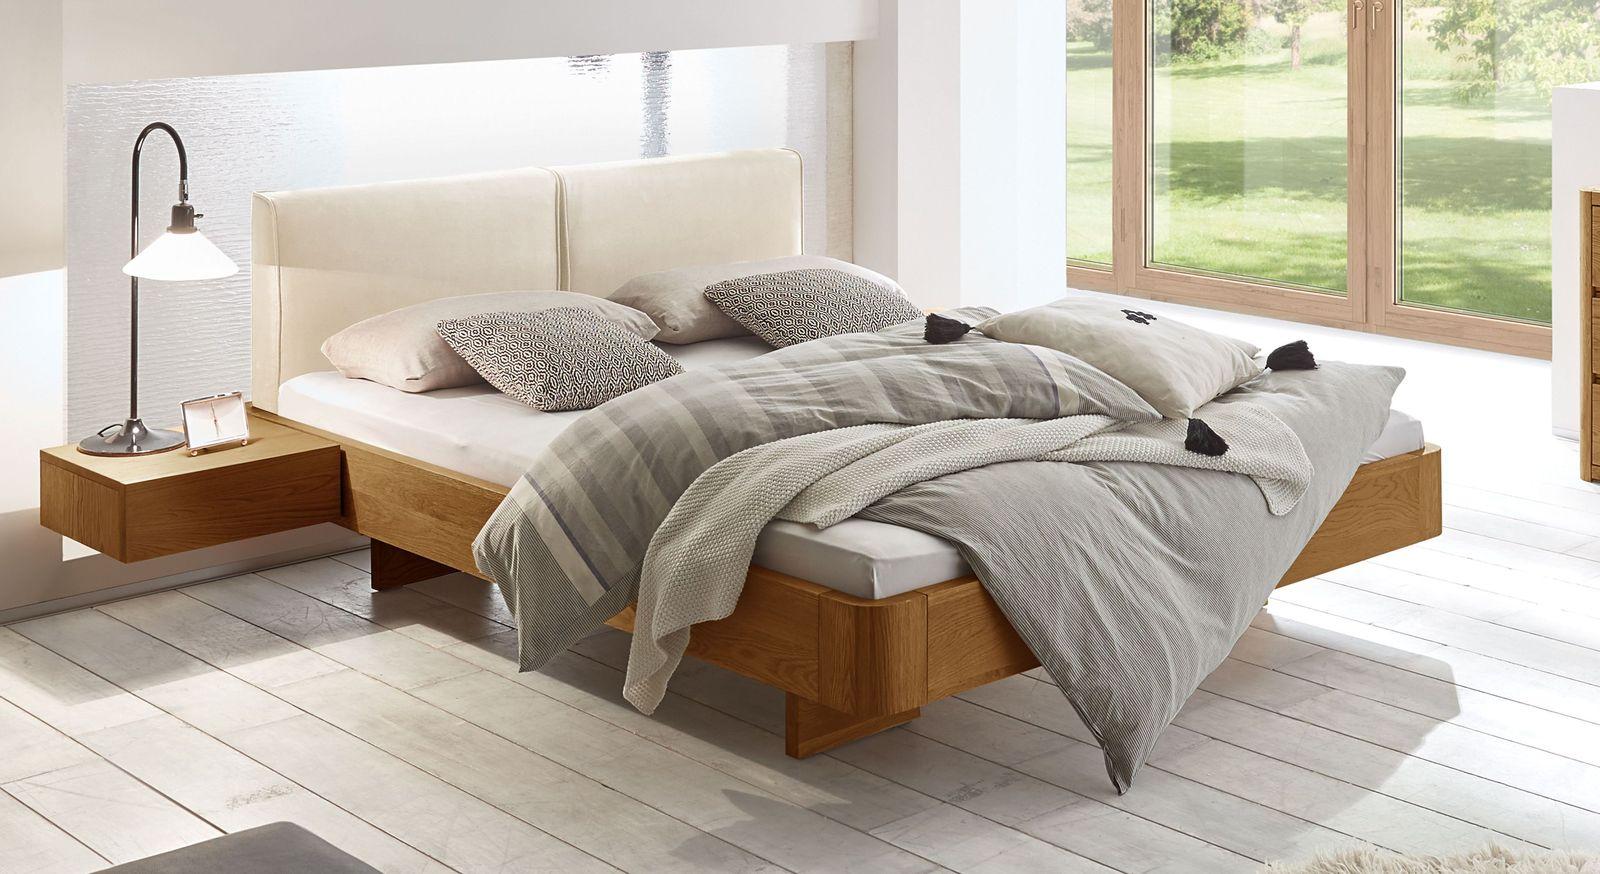 Bett 160x200